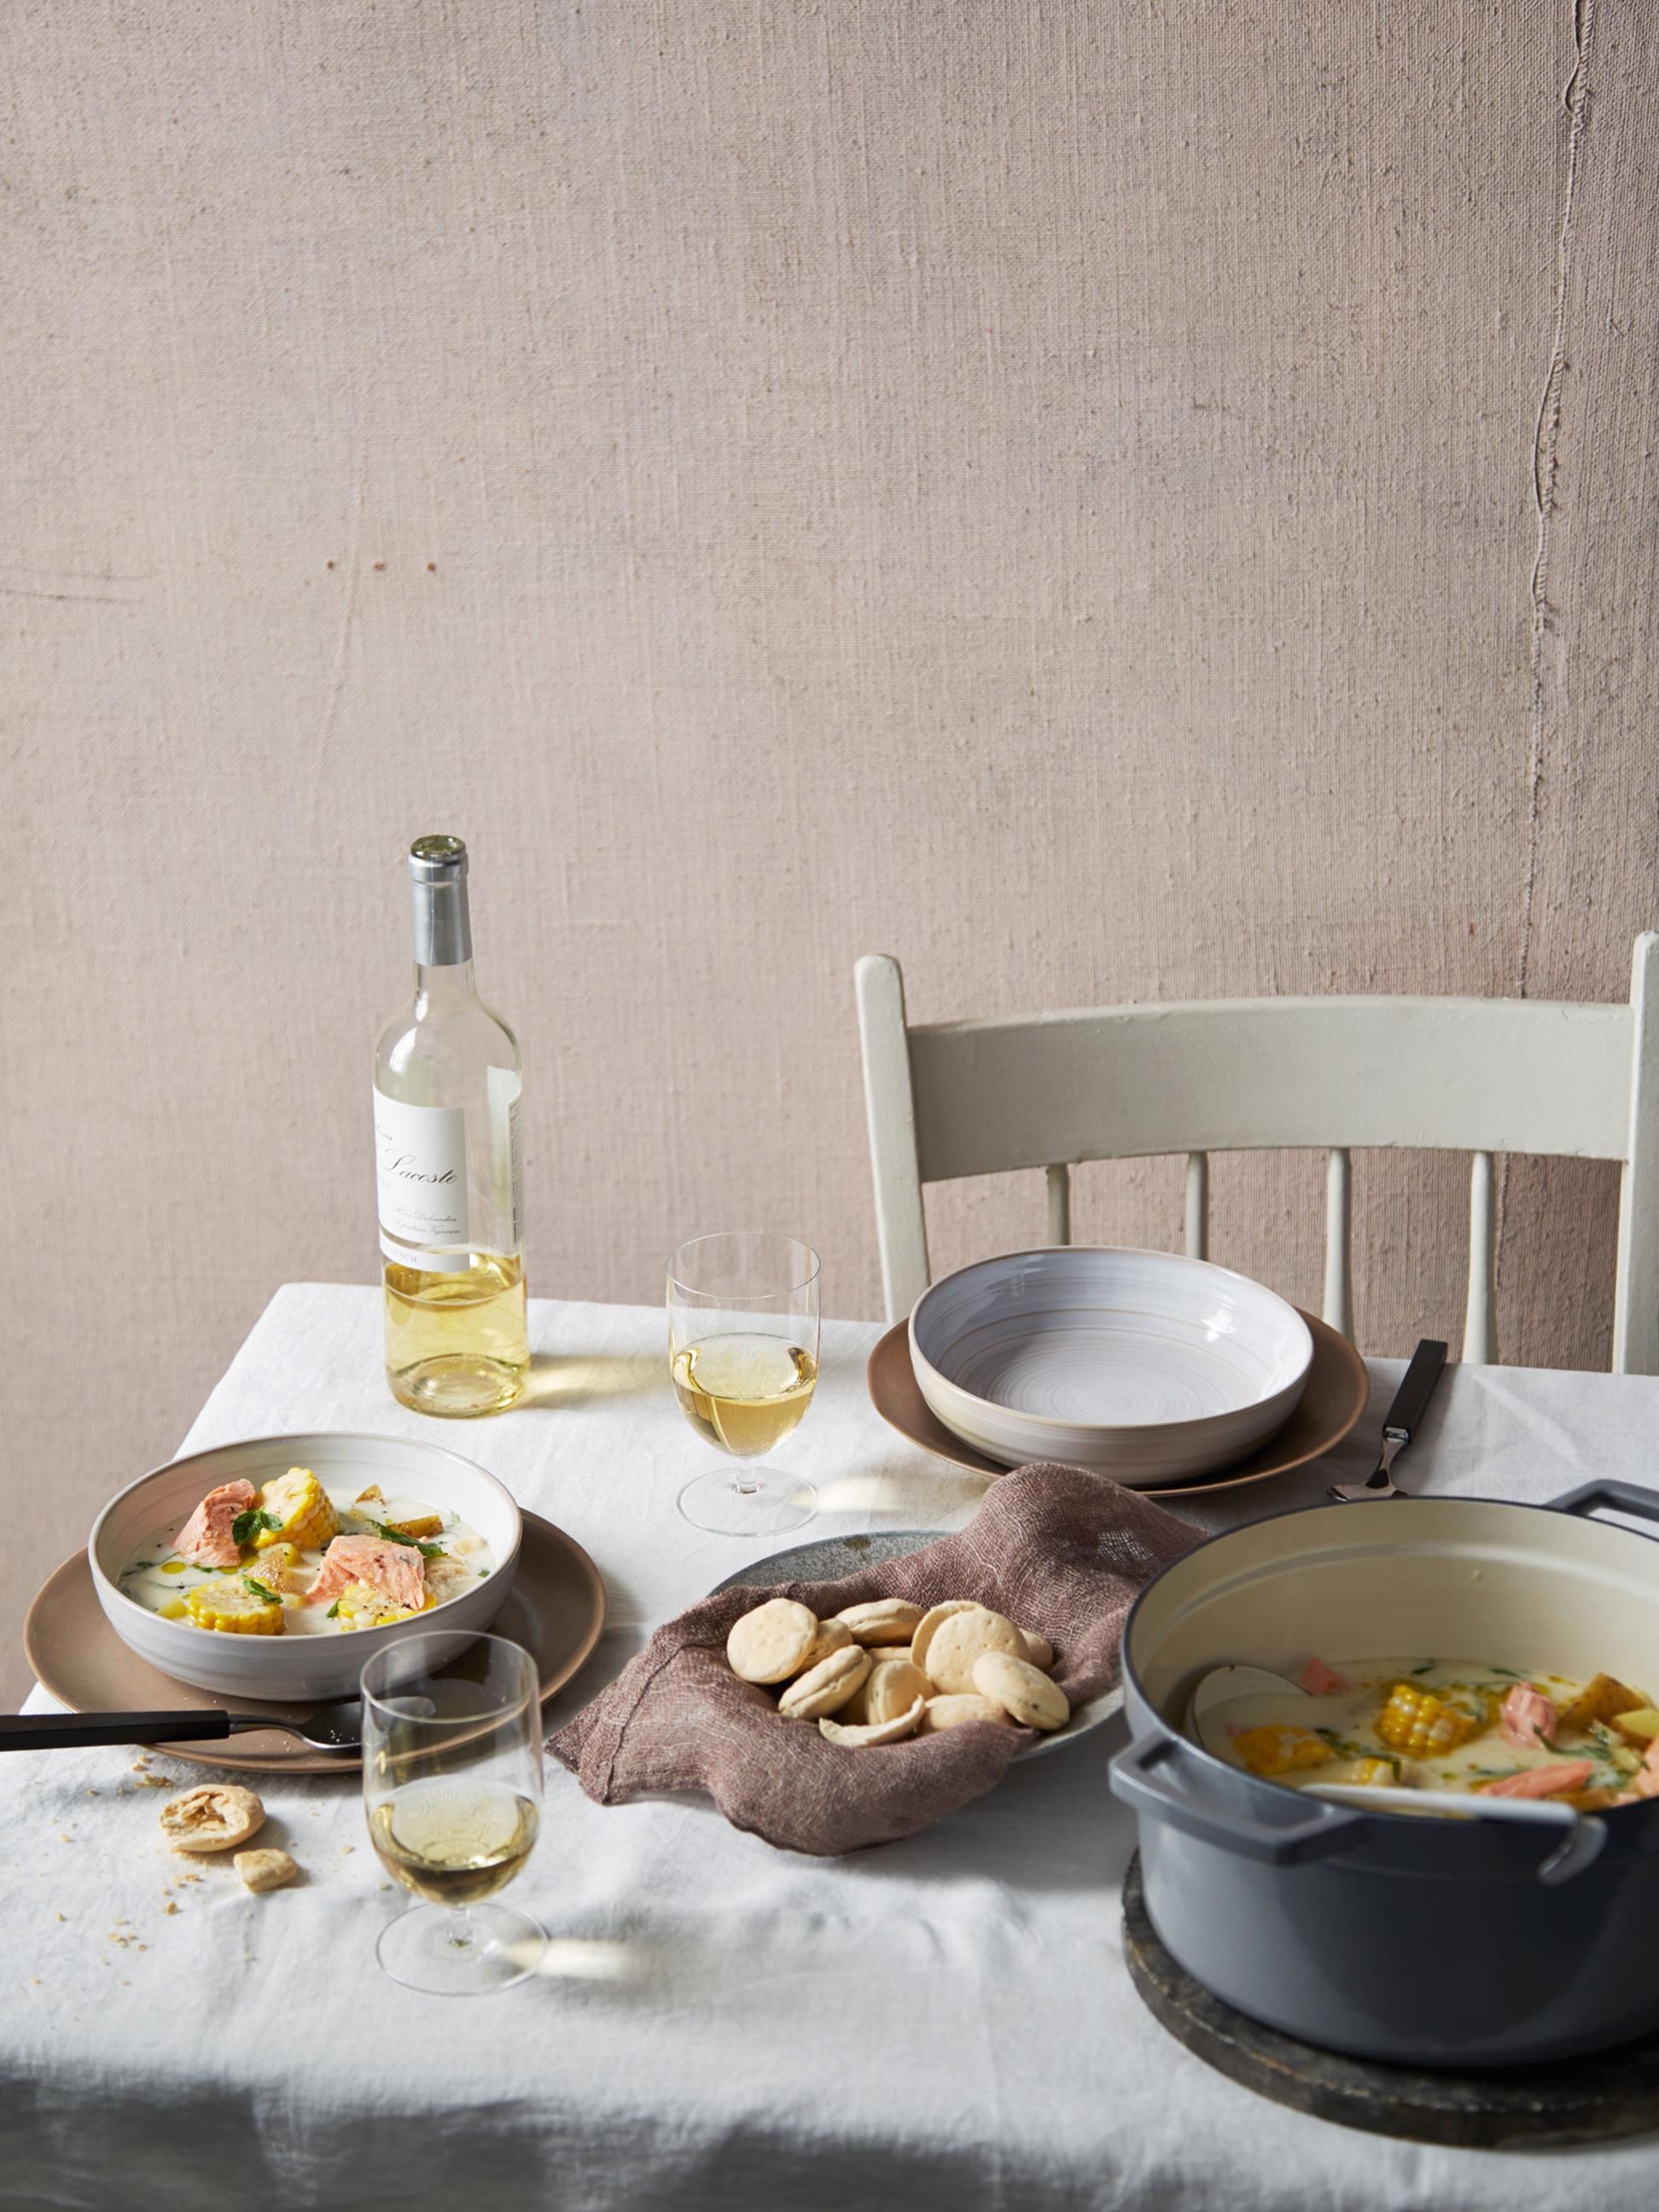 Whats-for-Dinner-Chowder-Opener-0183-AR-6319383.jpg